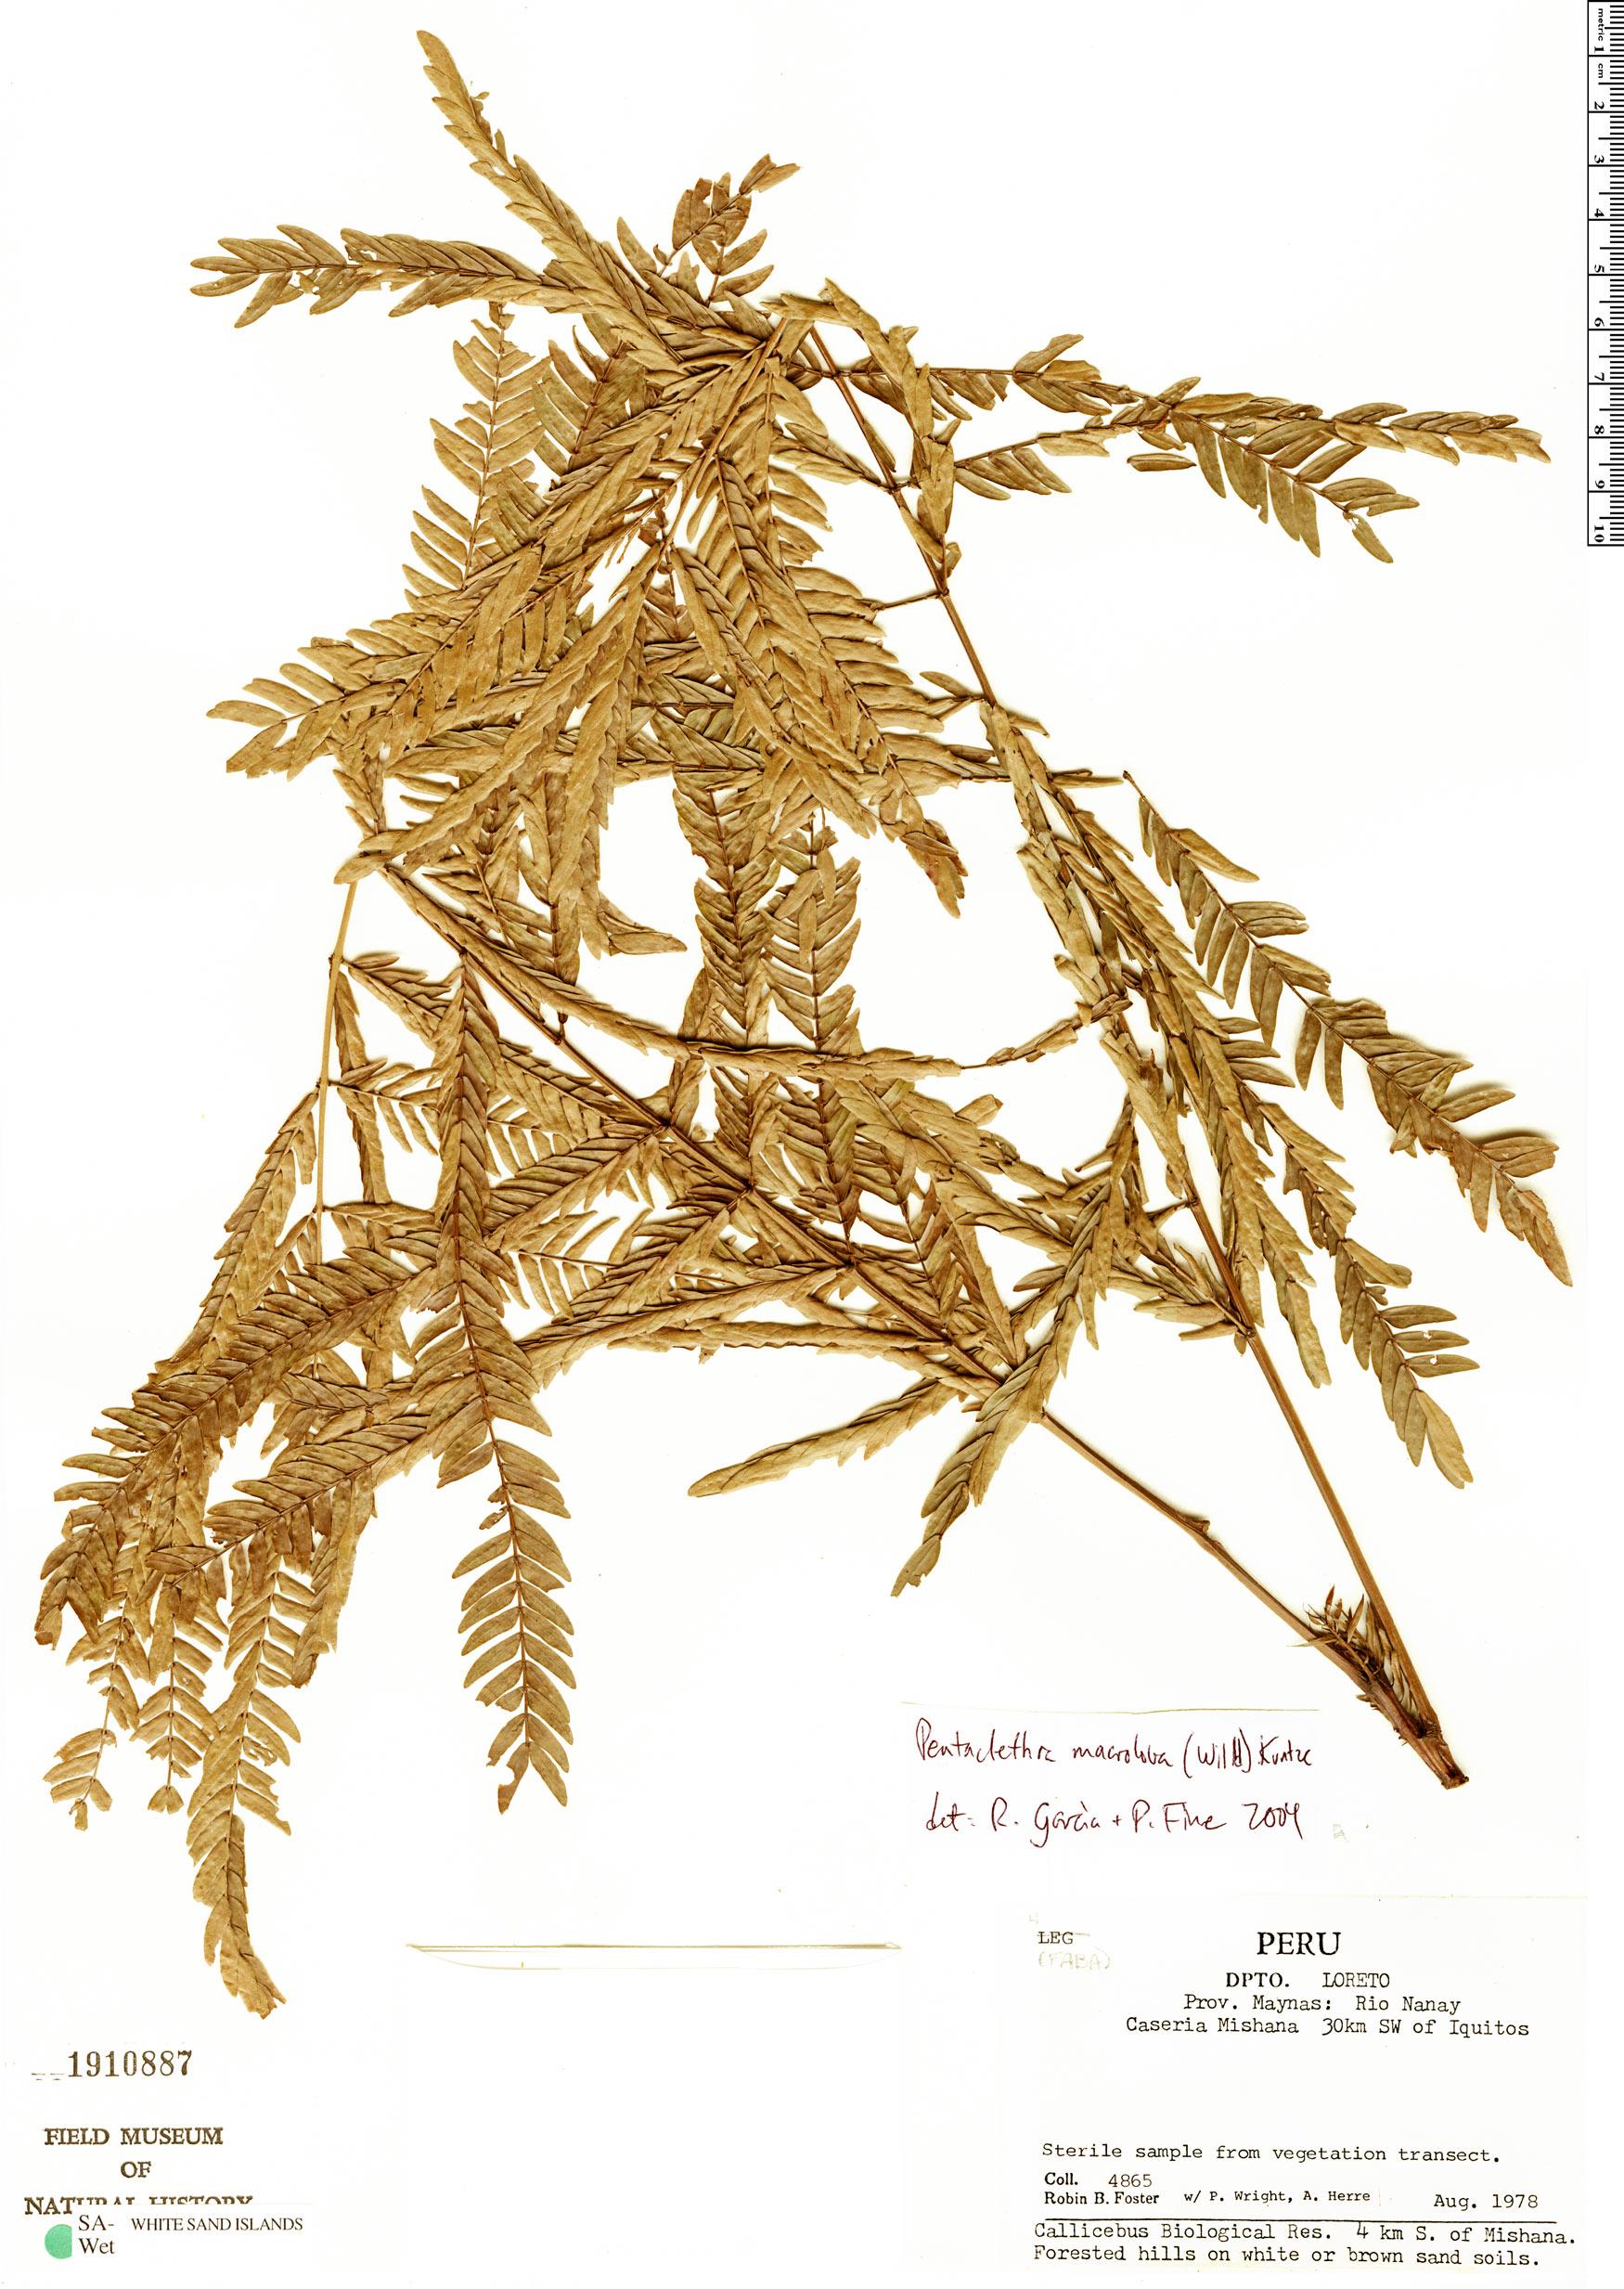 Specimen: Jacqueshuberia loretensis